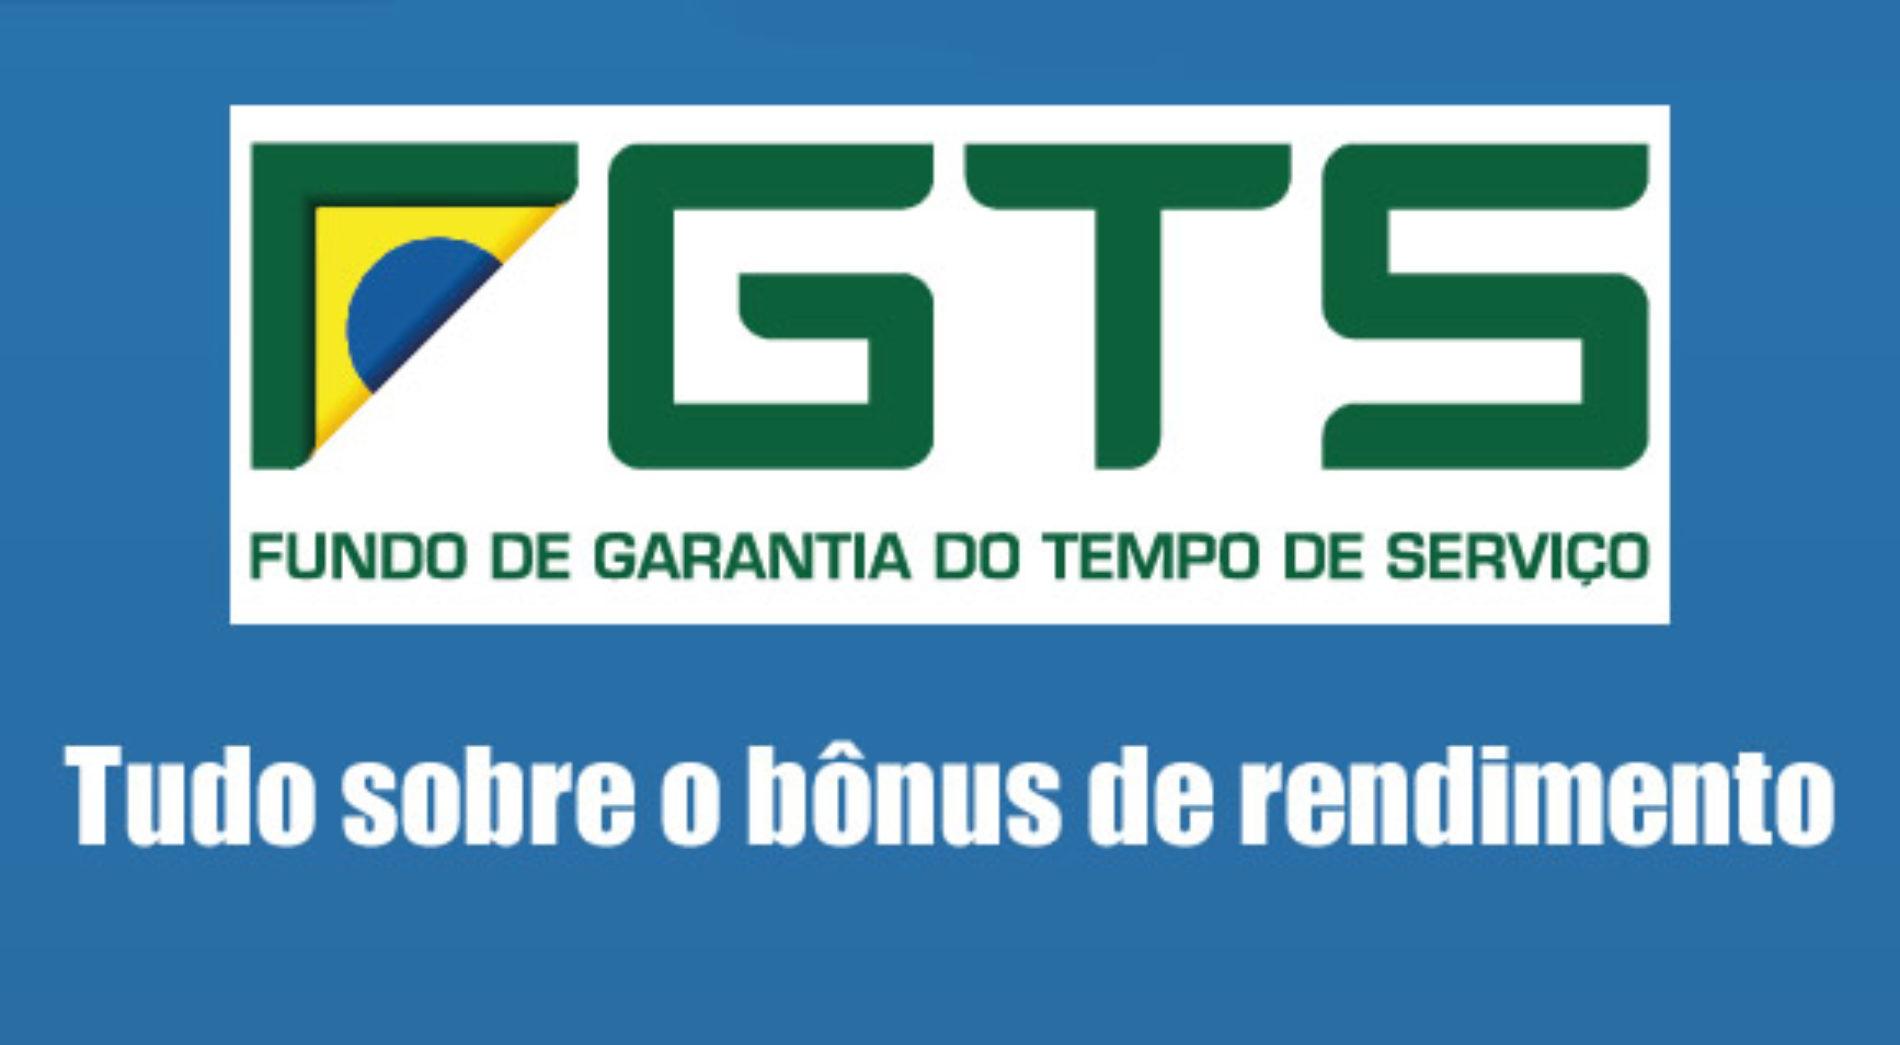 Cálculo do bônus do FGTS, saiba como fazer e todas informações!